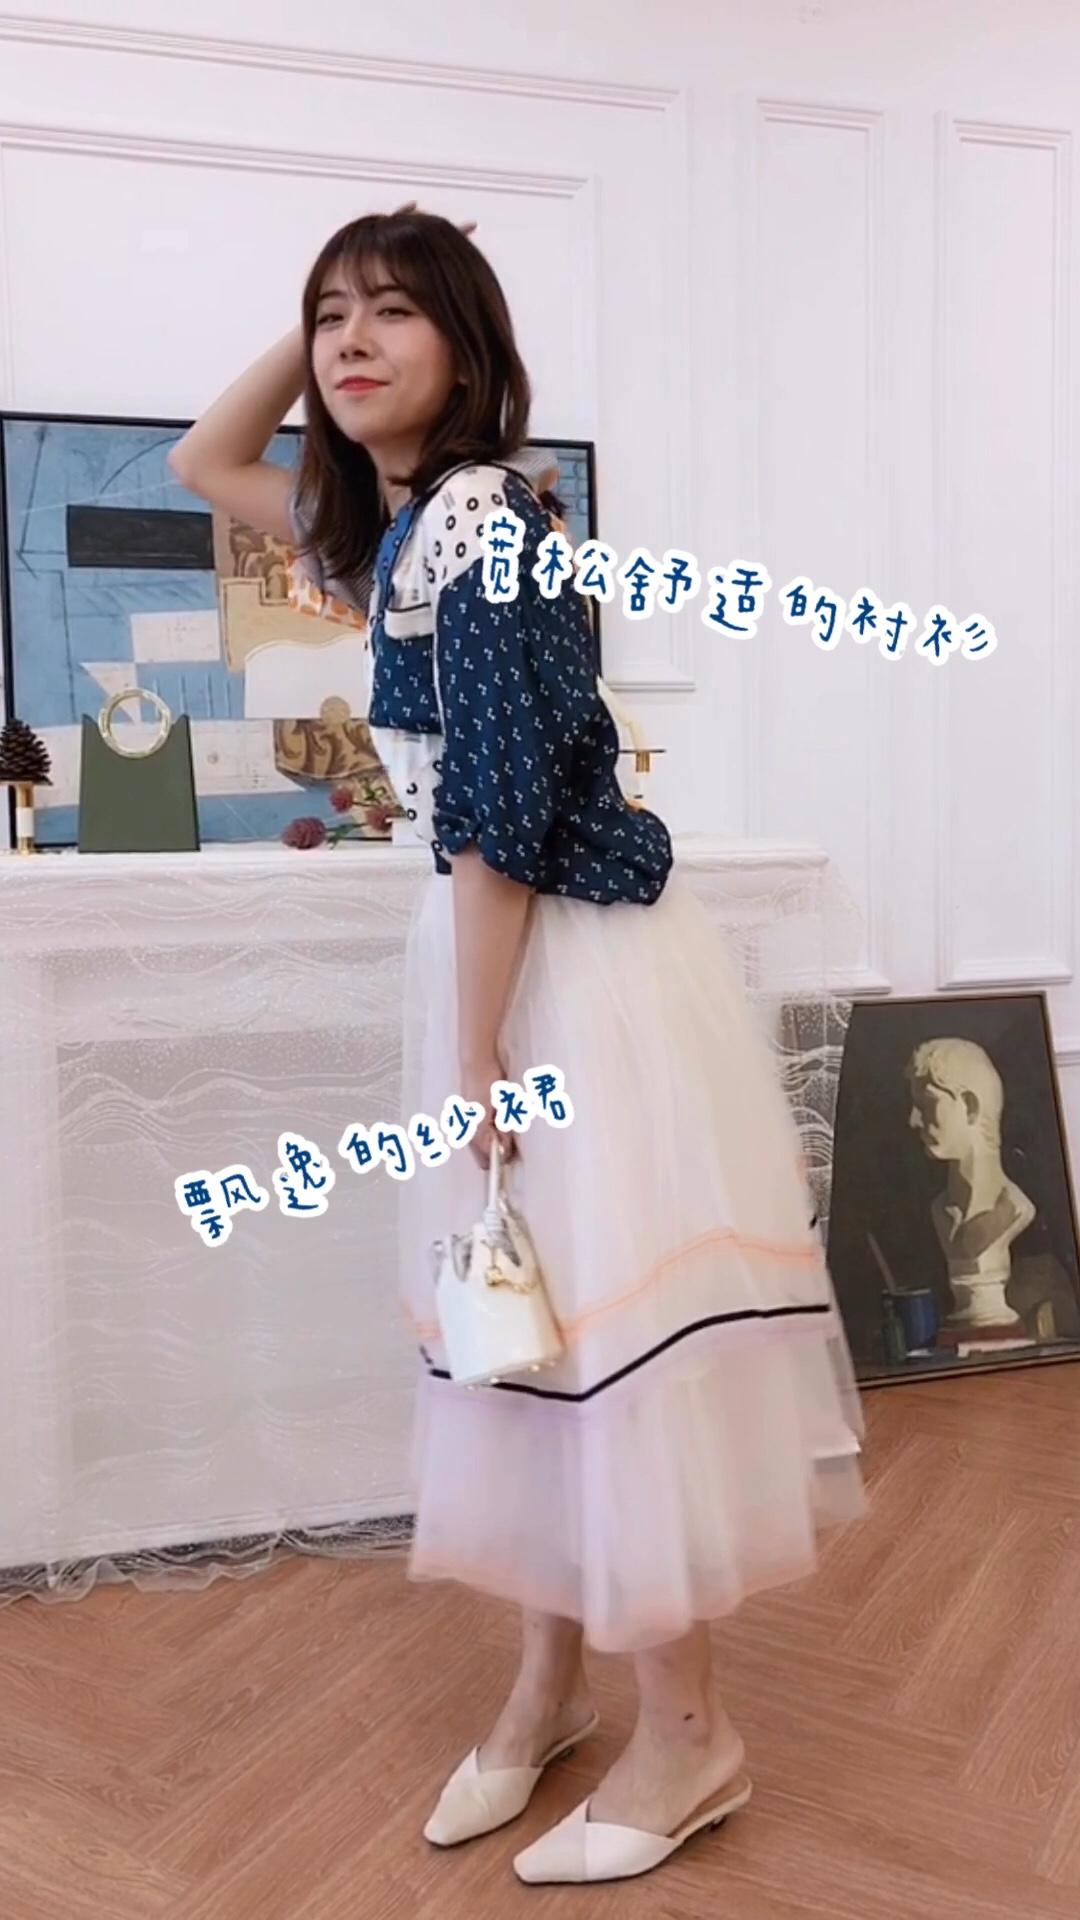 #蘑菇街新品测评#  宽松的裙子可以完美遮挡腿型的缺陷 高腰的穿法能拉高腰线 瞬间显高显瘦